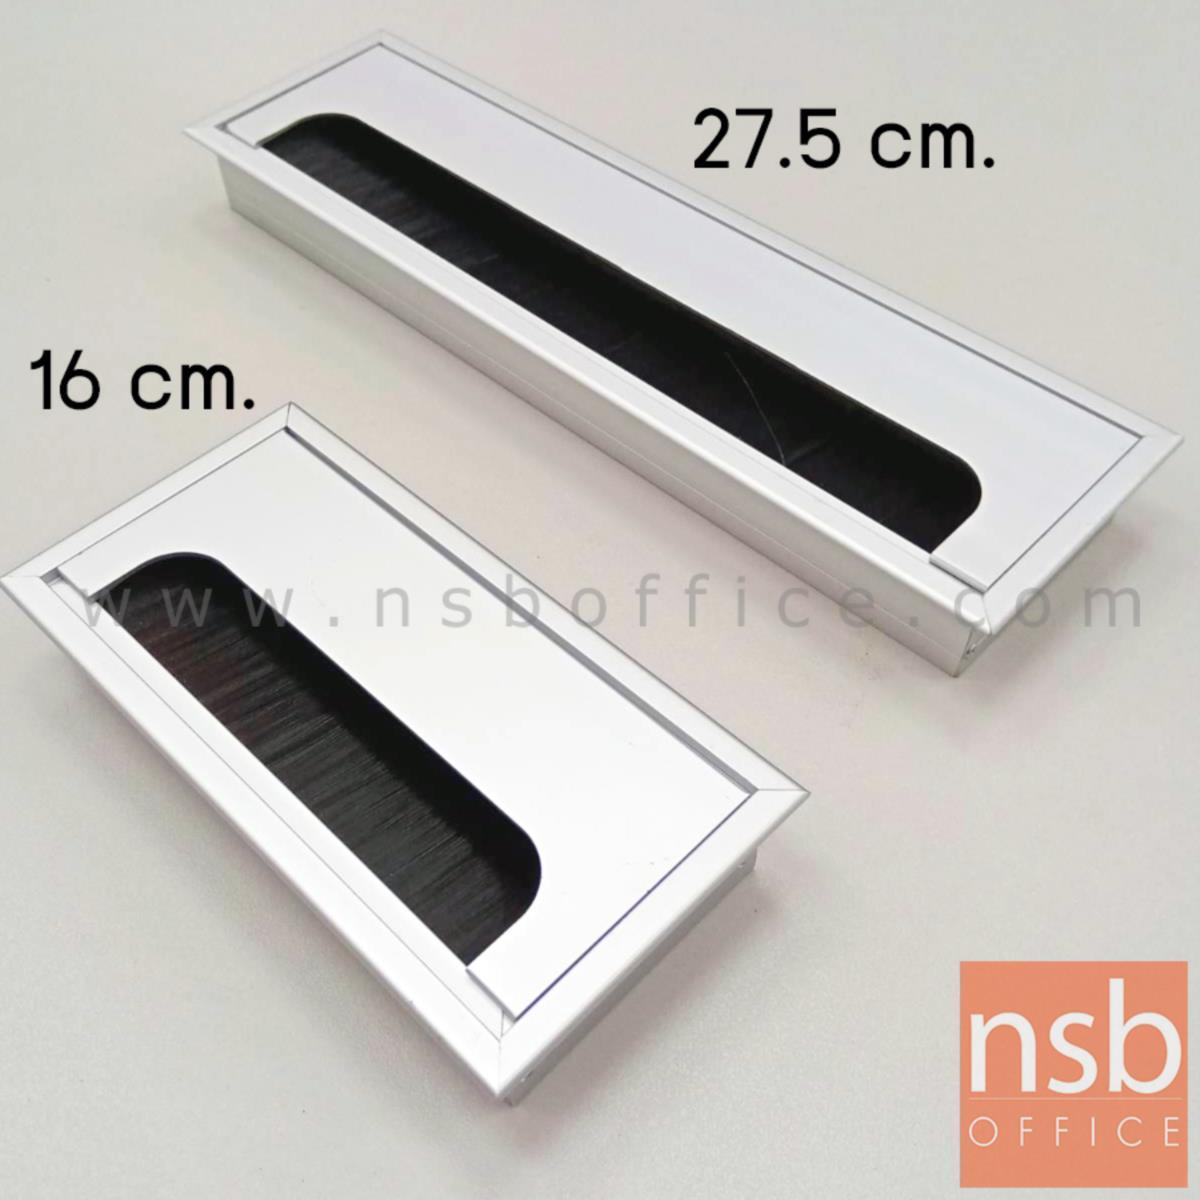 A24A011:ฝาป๊อปอัพอลูมิเนียมฝังหน้าโต๊ะ  รุ่น 7211 ขนาด 16,27.5W cm.